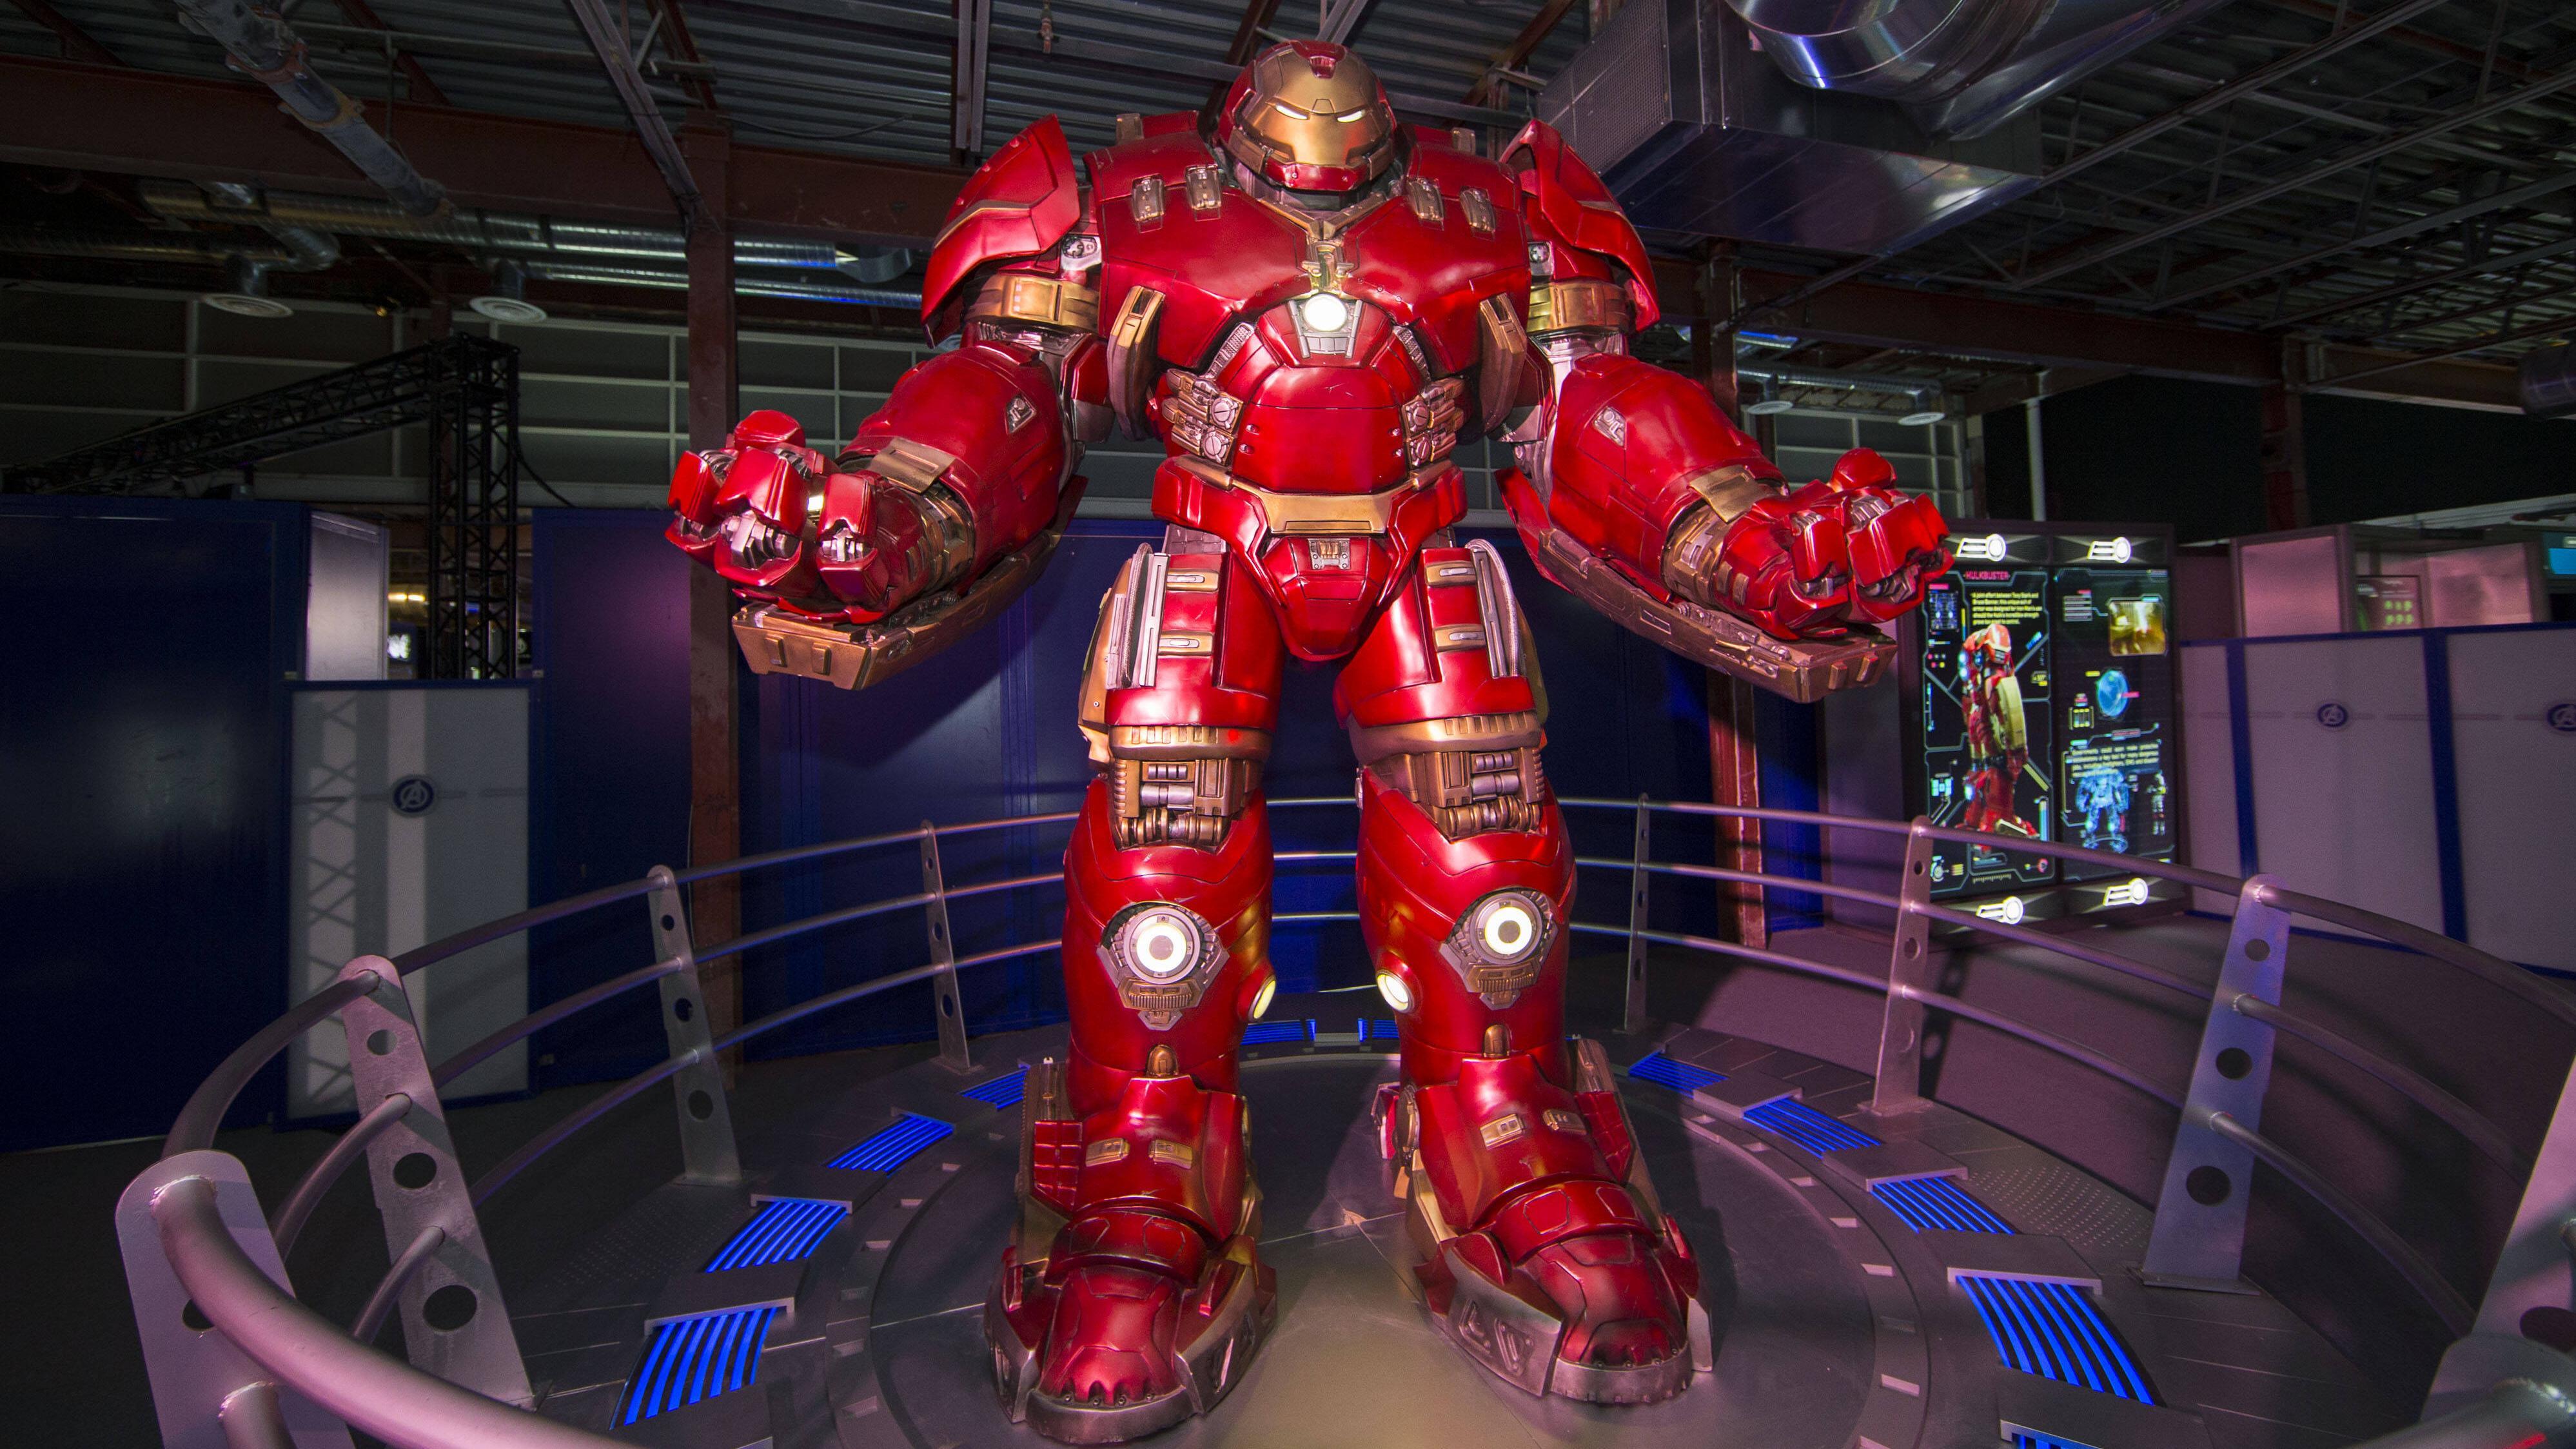 Marvel Filme und Serien: Phase 4